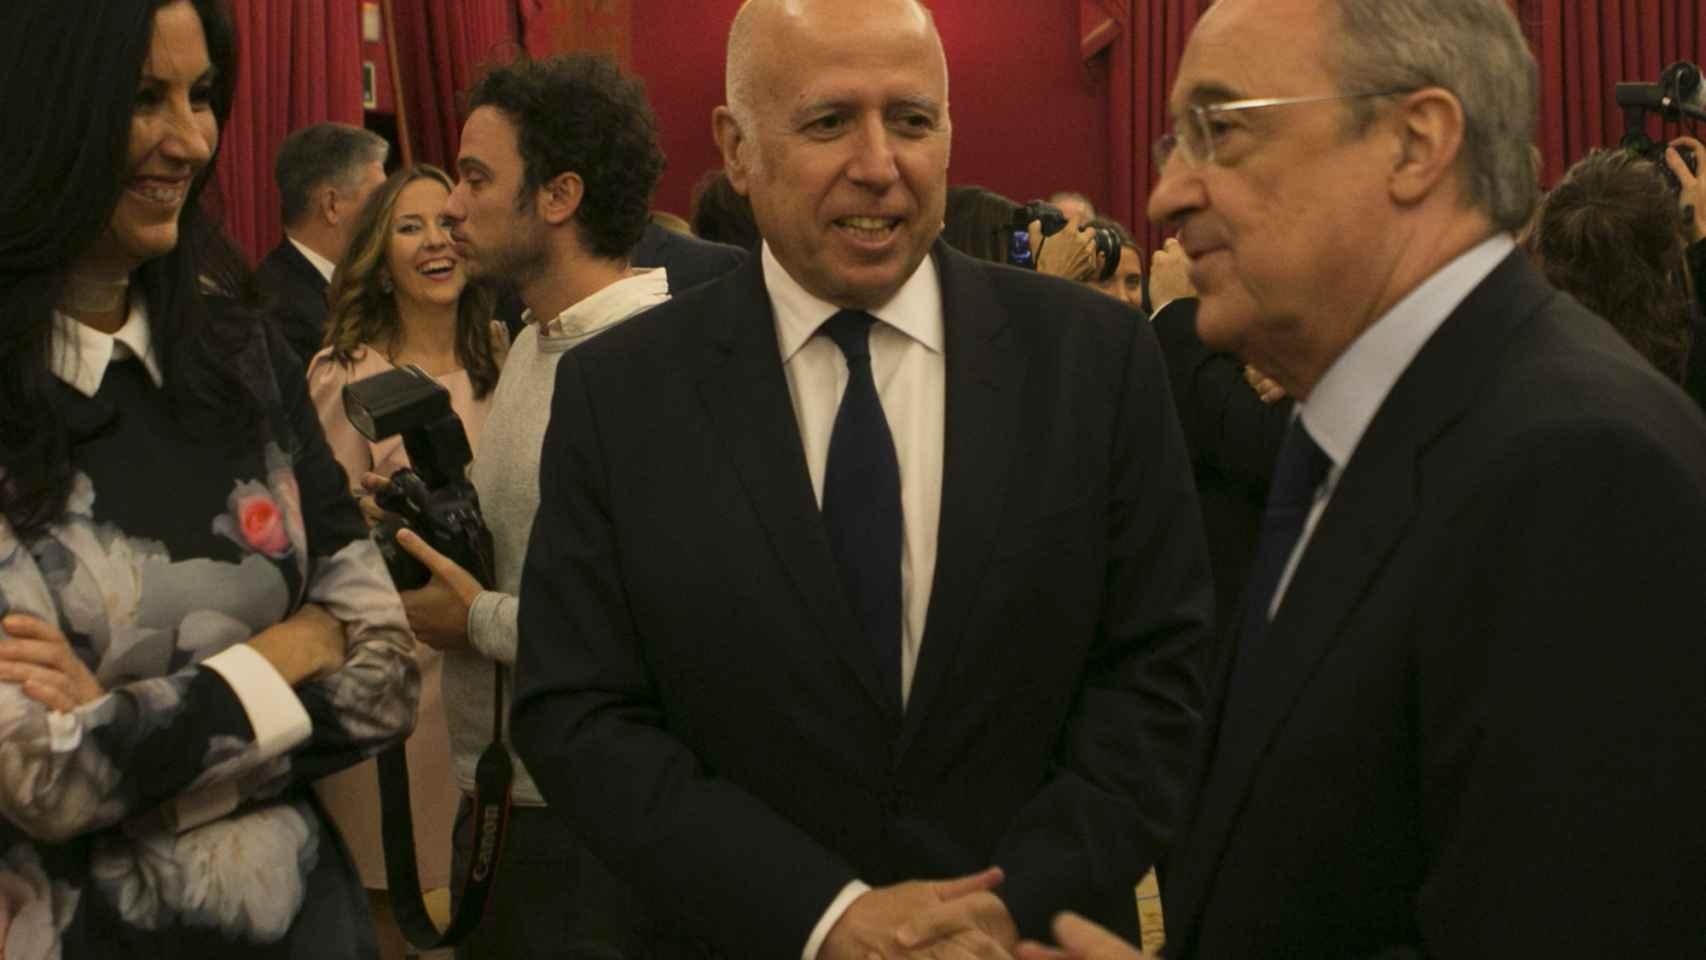 Eva Fernández, Consejera Delegada de EL ESPAÑOL dialoga con Hilario Albarracín, Presidente de KPMG en España y Florentino Pérez, Presidente del Real Madrid.